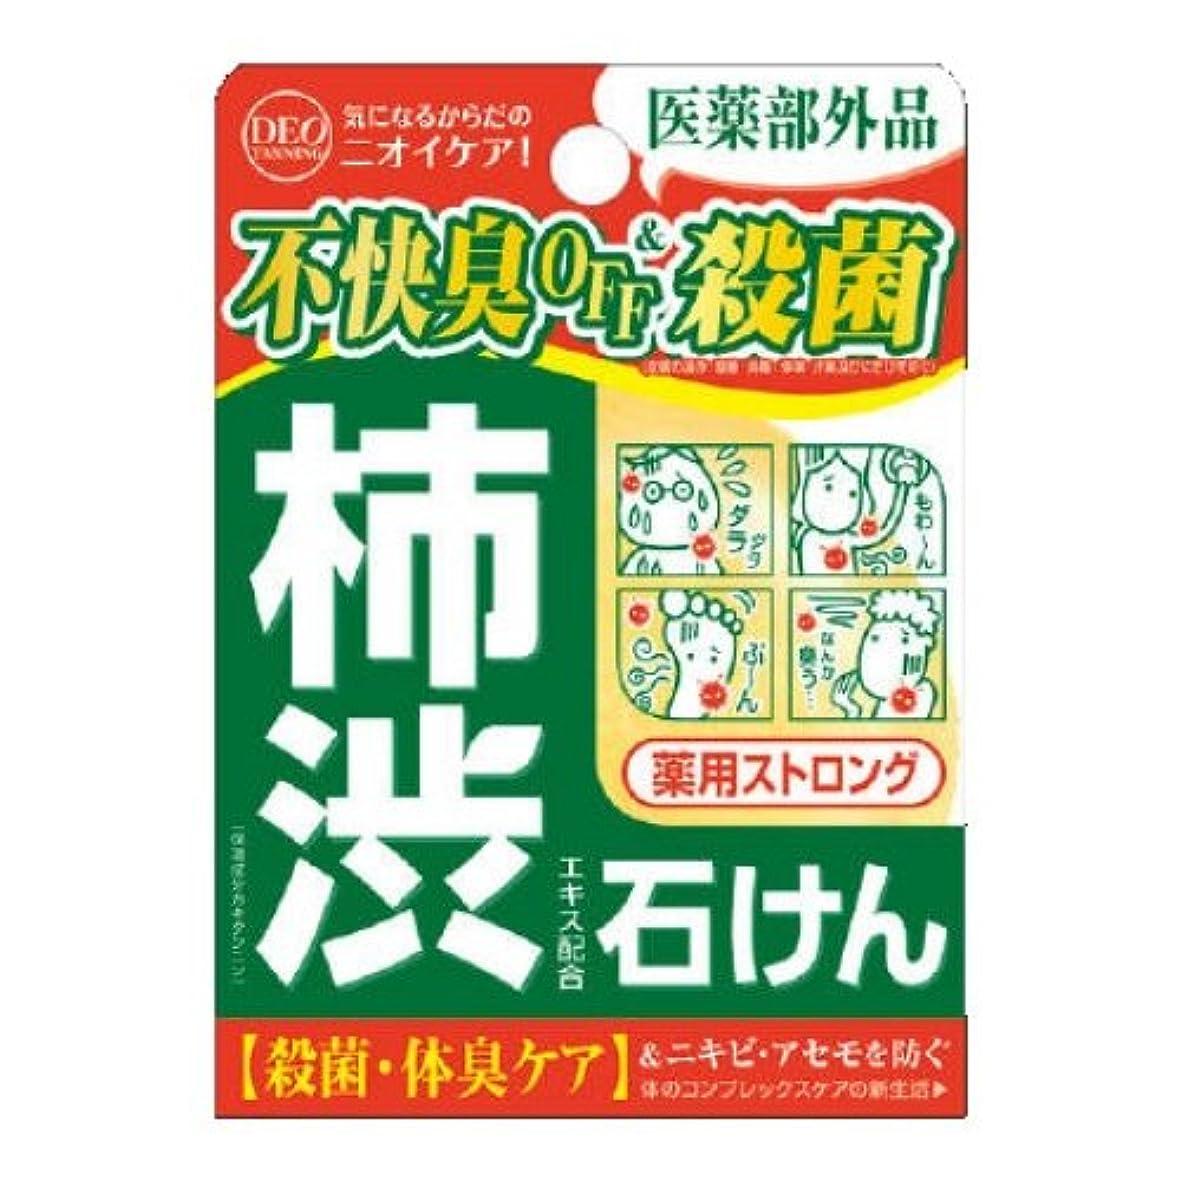 インシュレータ捕虜対処デオタンニング 薬用ストロング ソープ 100g (医薬部外品)